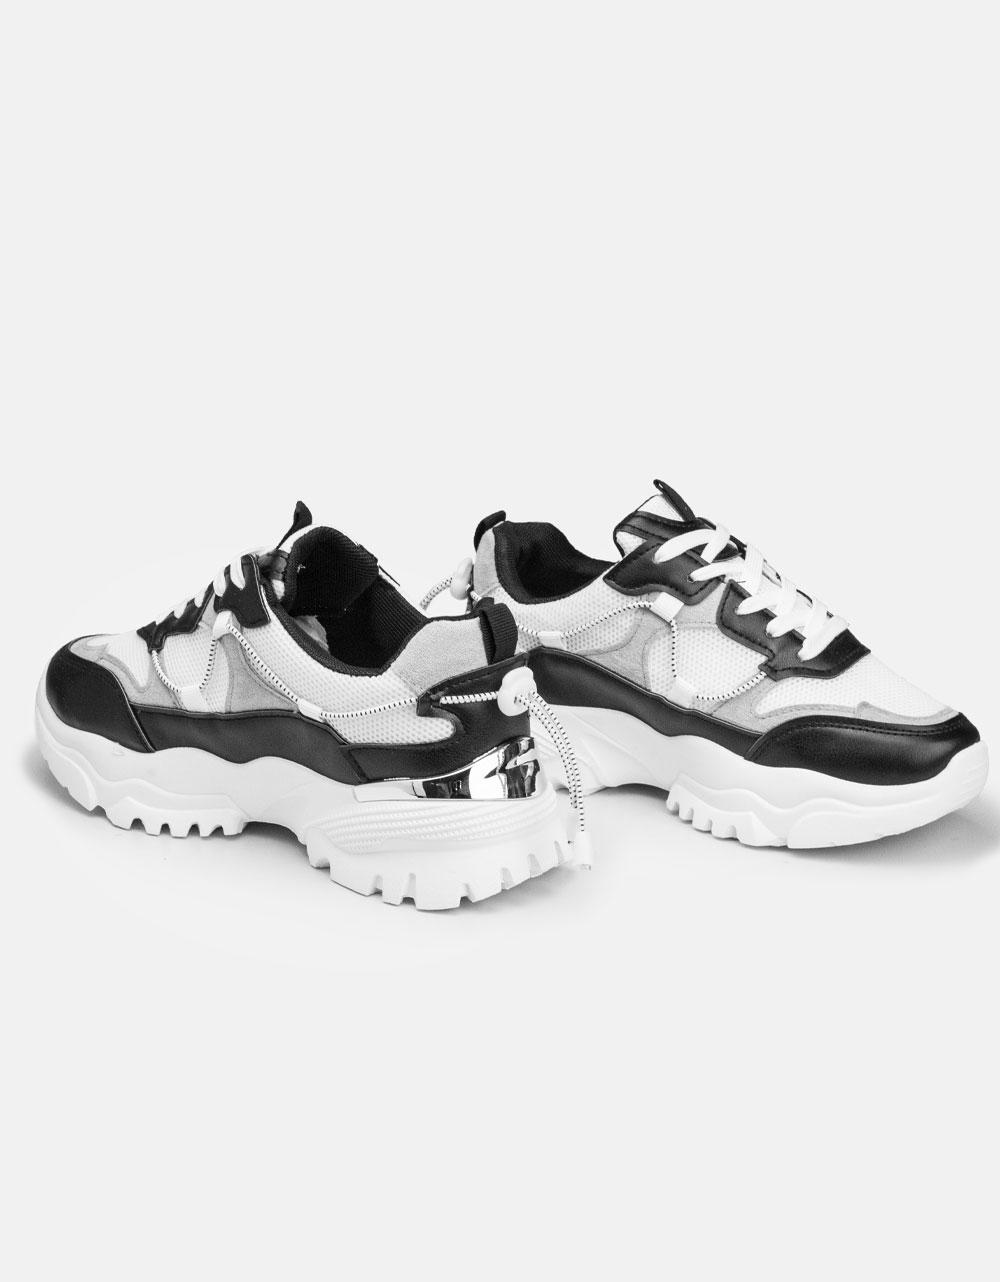 Εικόνα από Γυναικεία Chunky sneakers με μεταλλική λεπτομέρεια Μαύρο